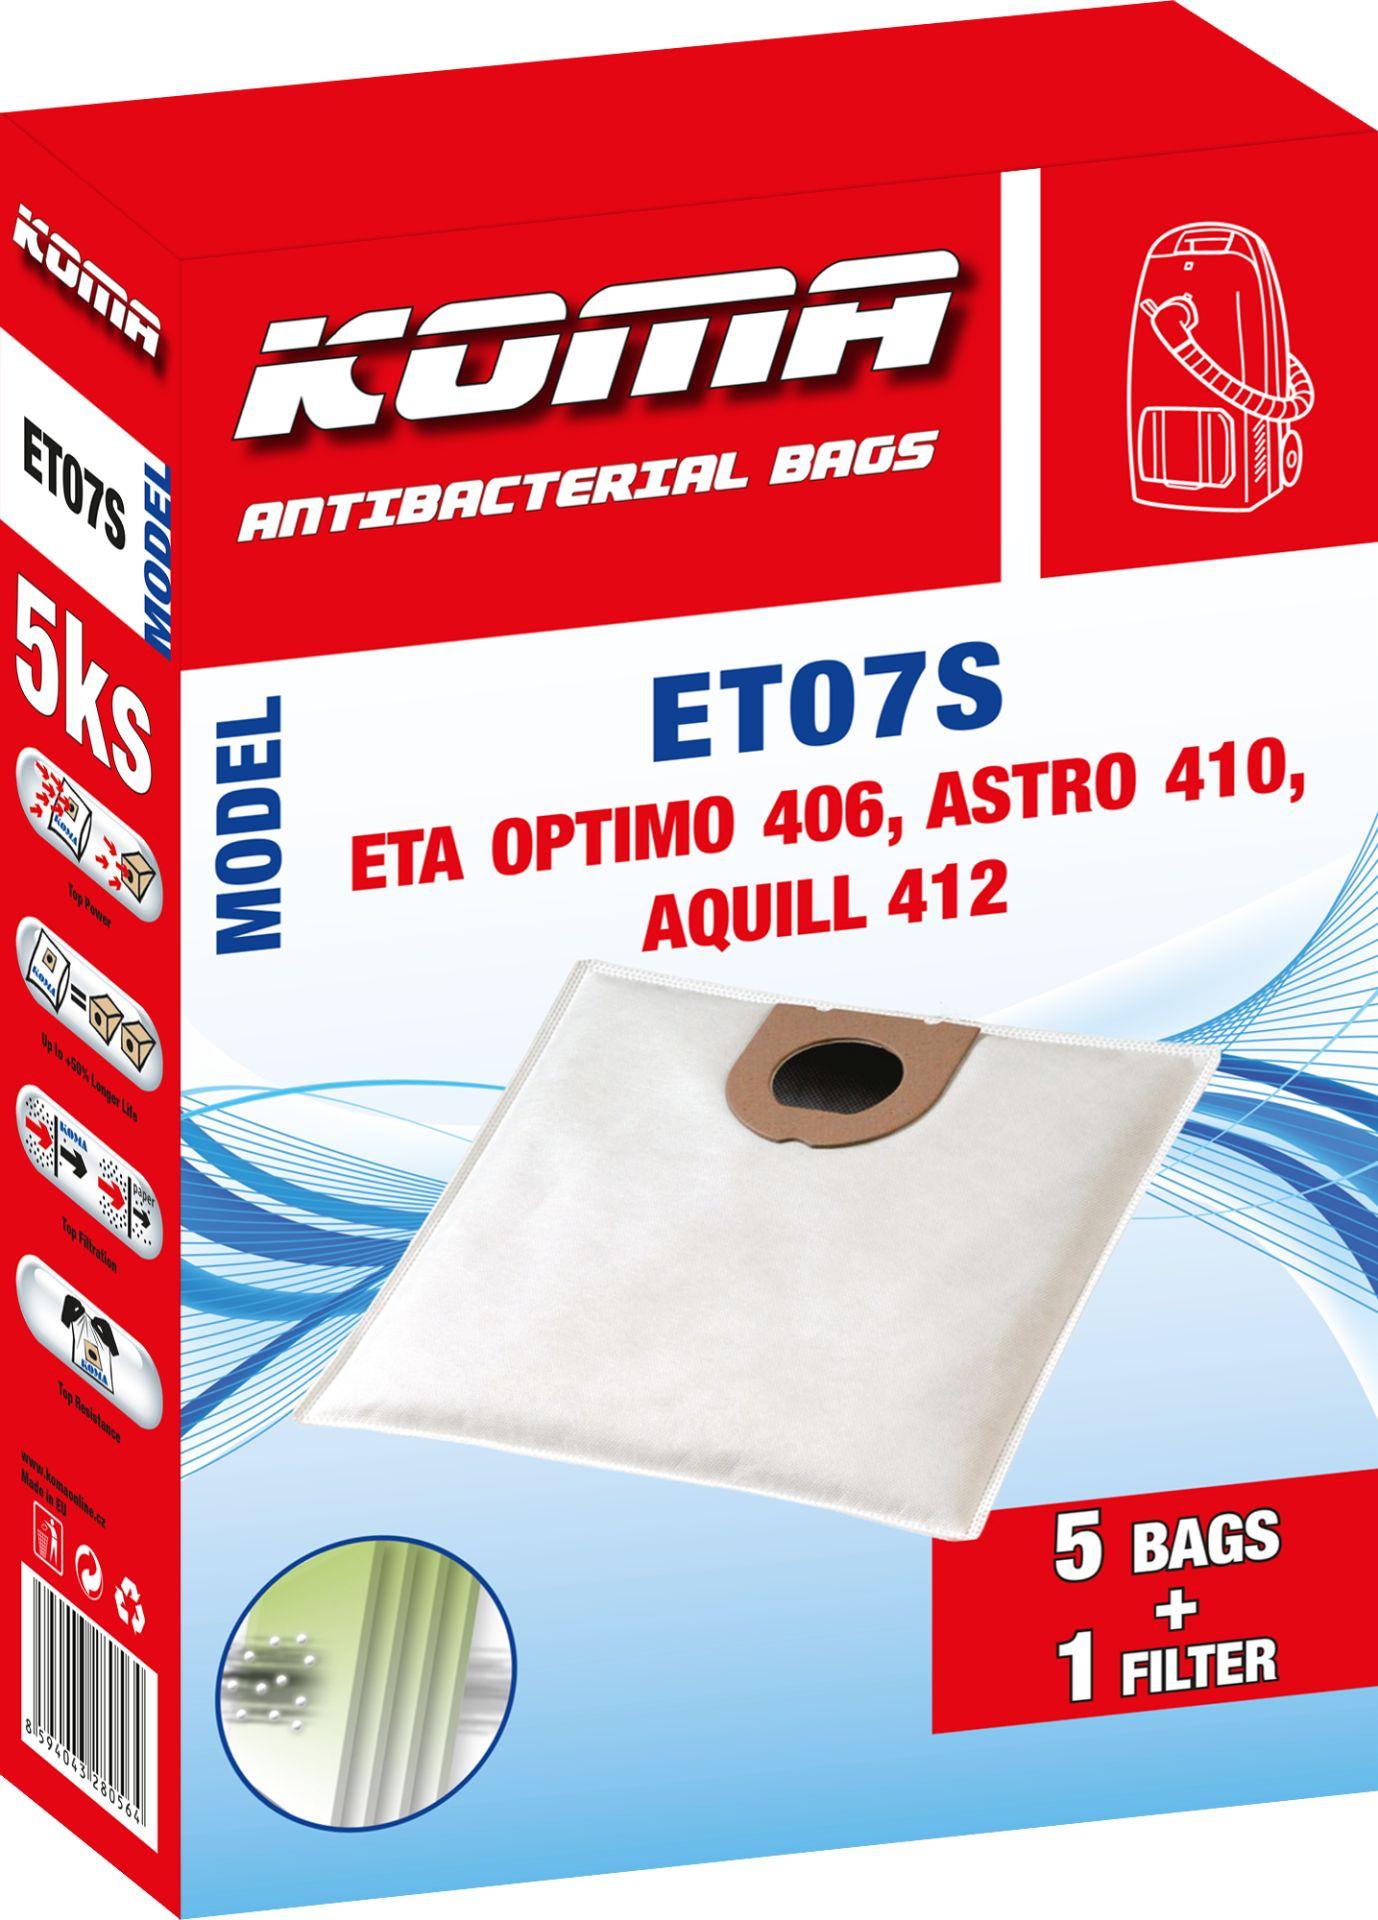 KOMA sáčky ETA Optimo 1406, Astro 1410, Aquill 1412 textilní, 5ks+mikrofiltr Balení: Balení v krabičce